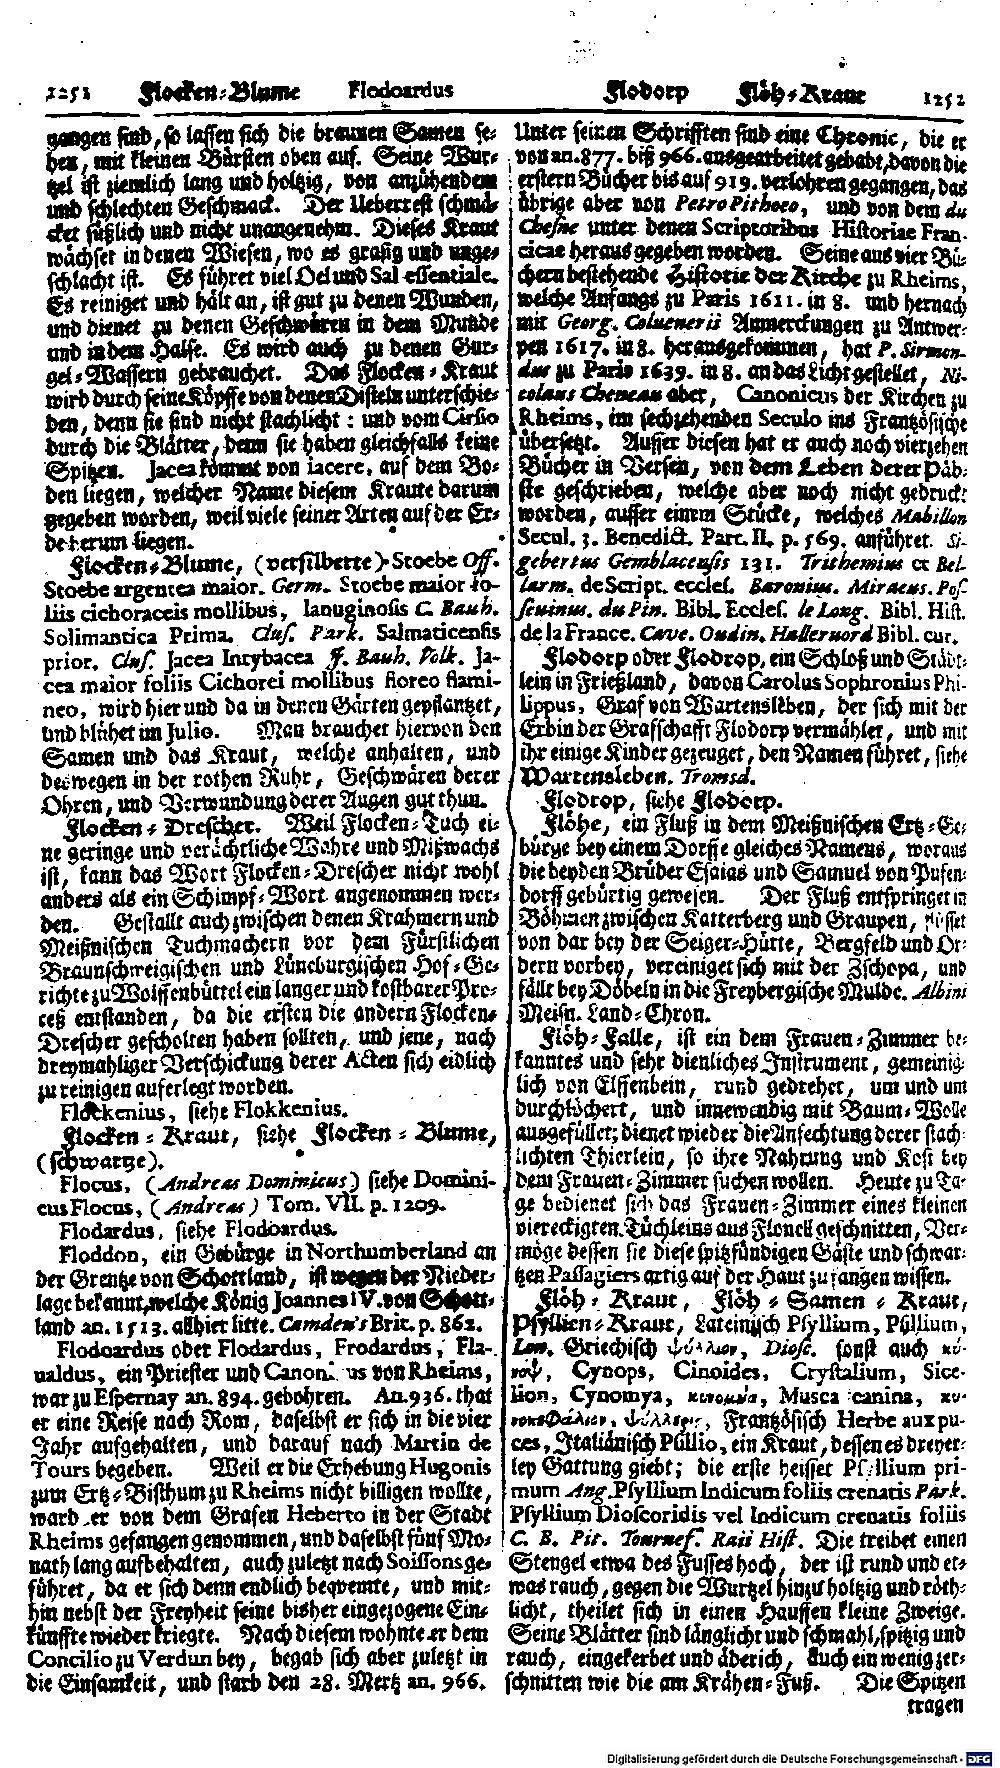 Bd. 09, Seite 0645.